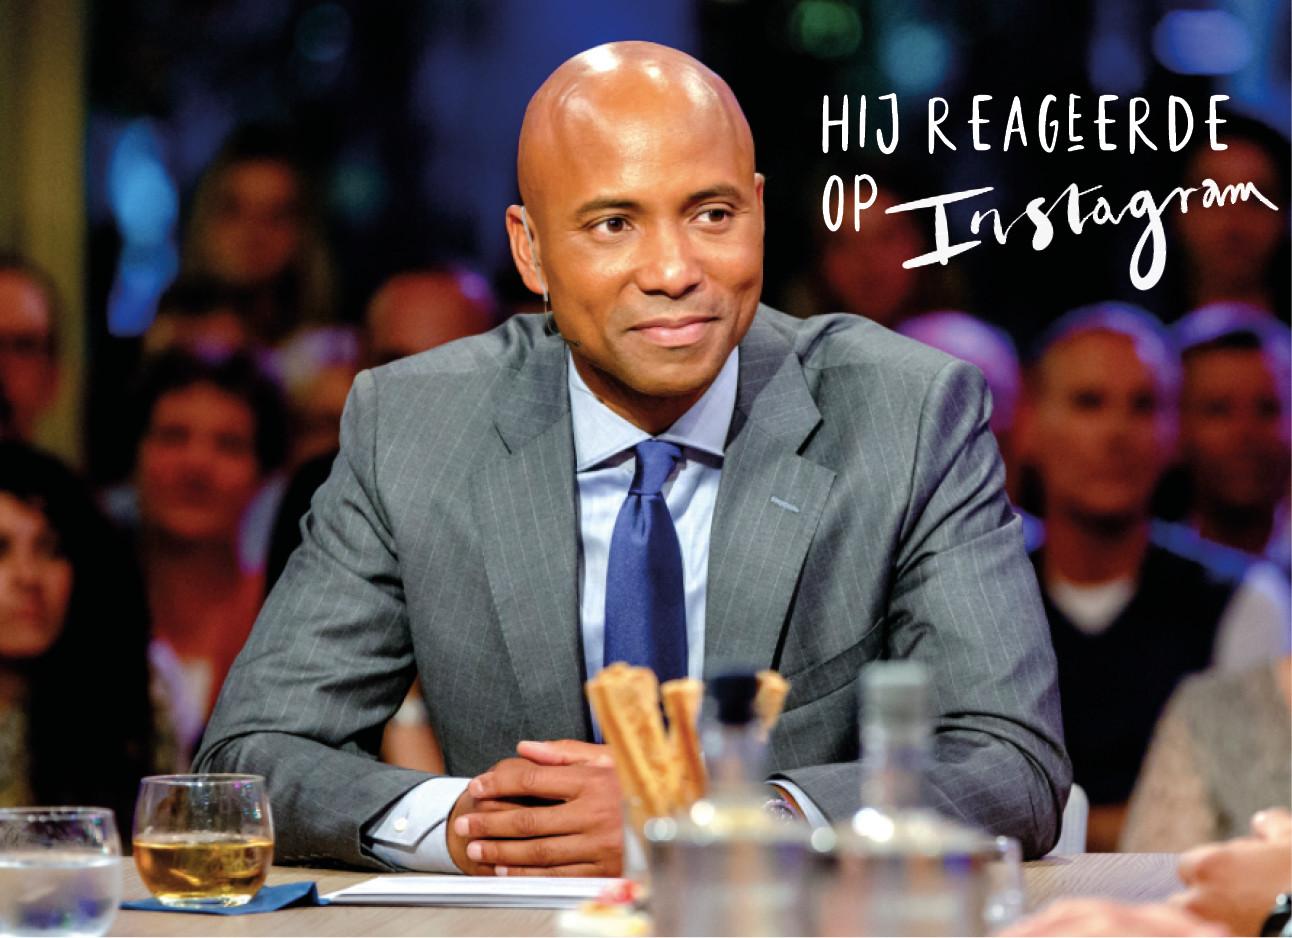 humberto tan presenteert RTL late night